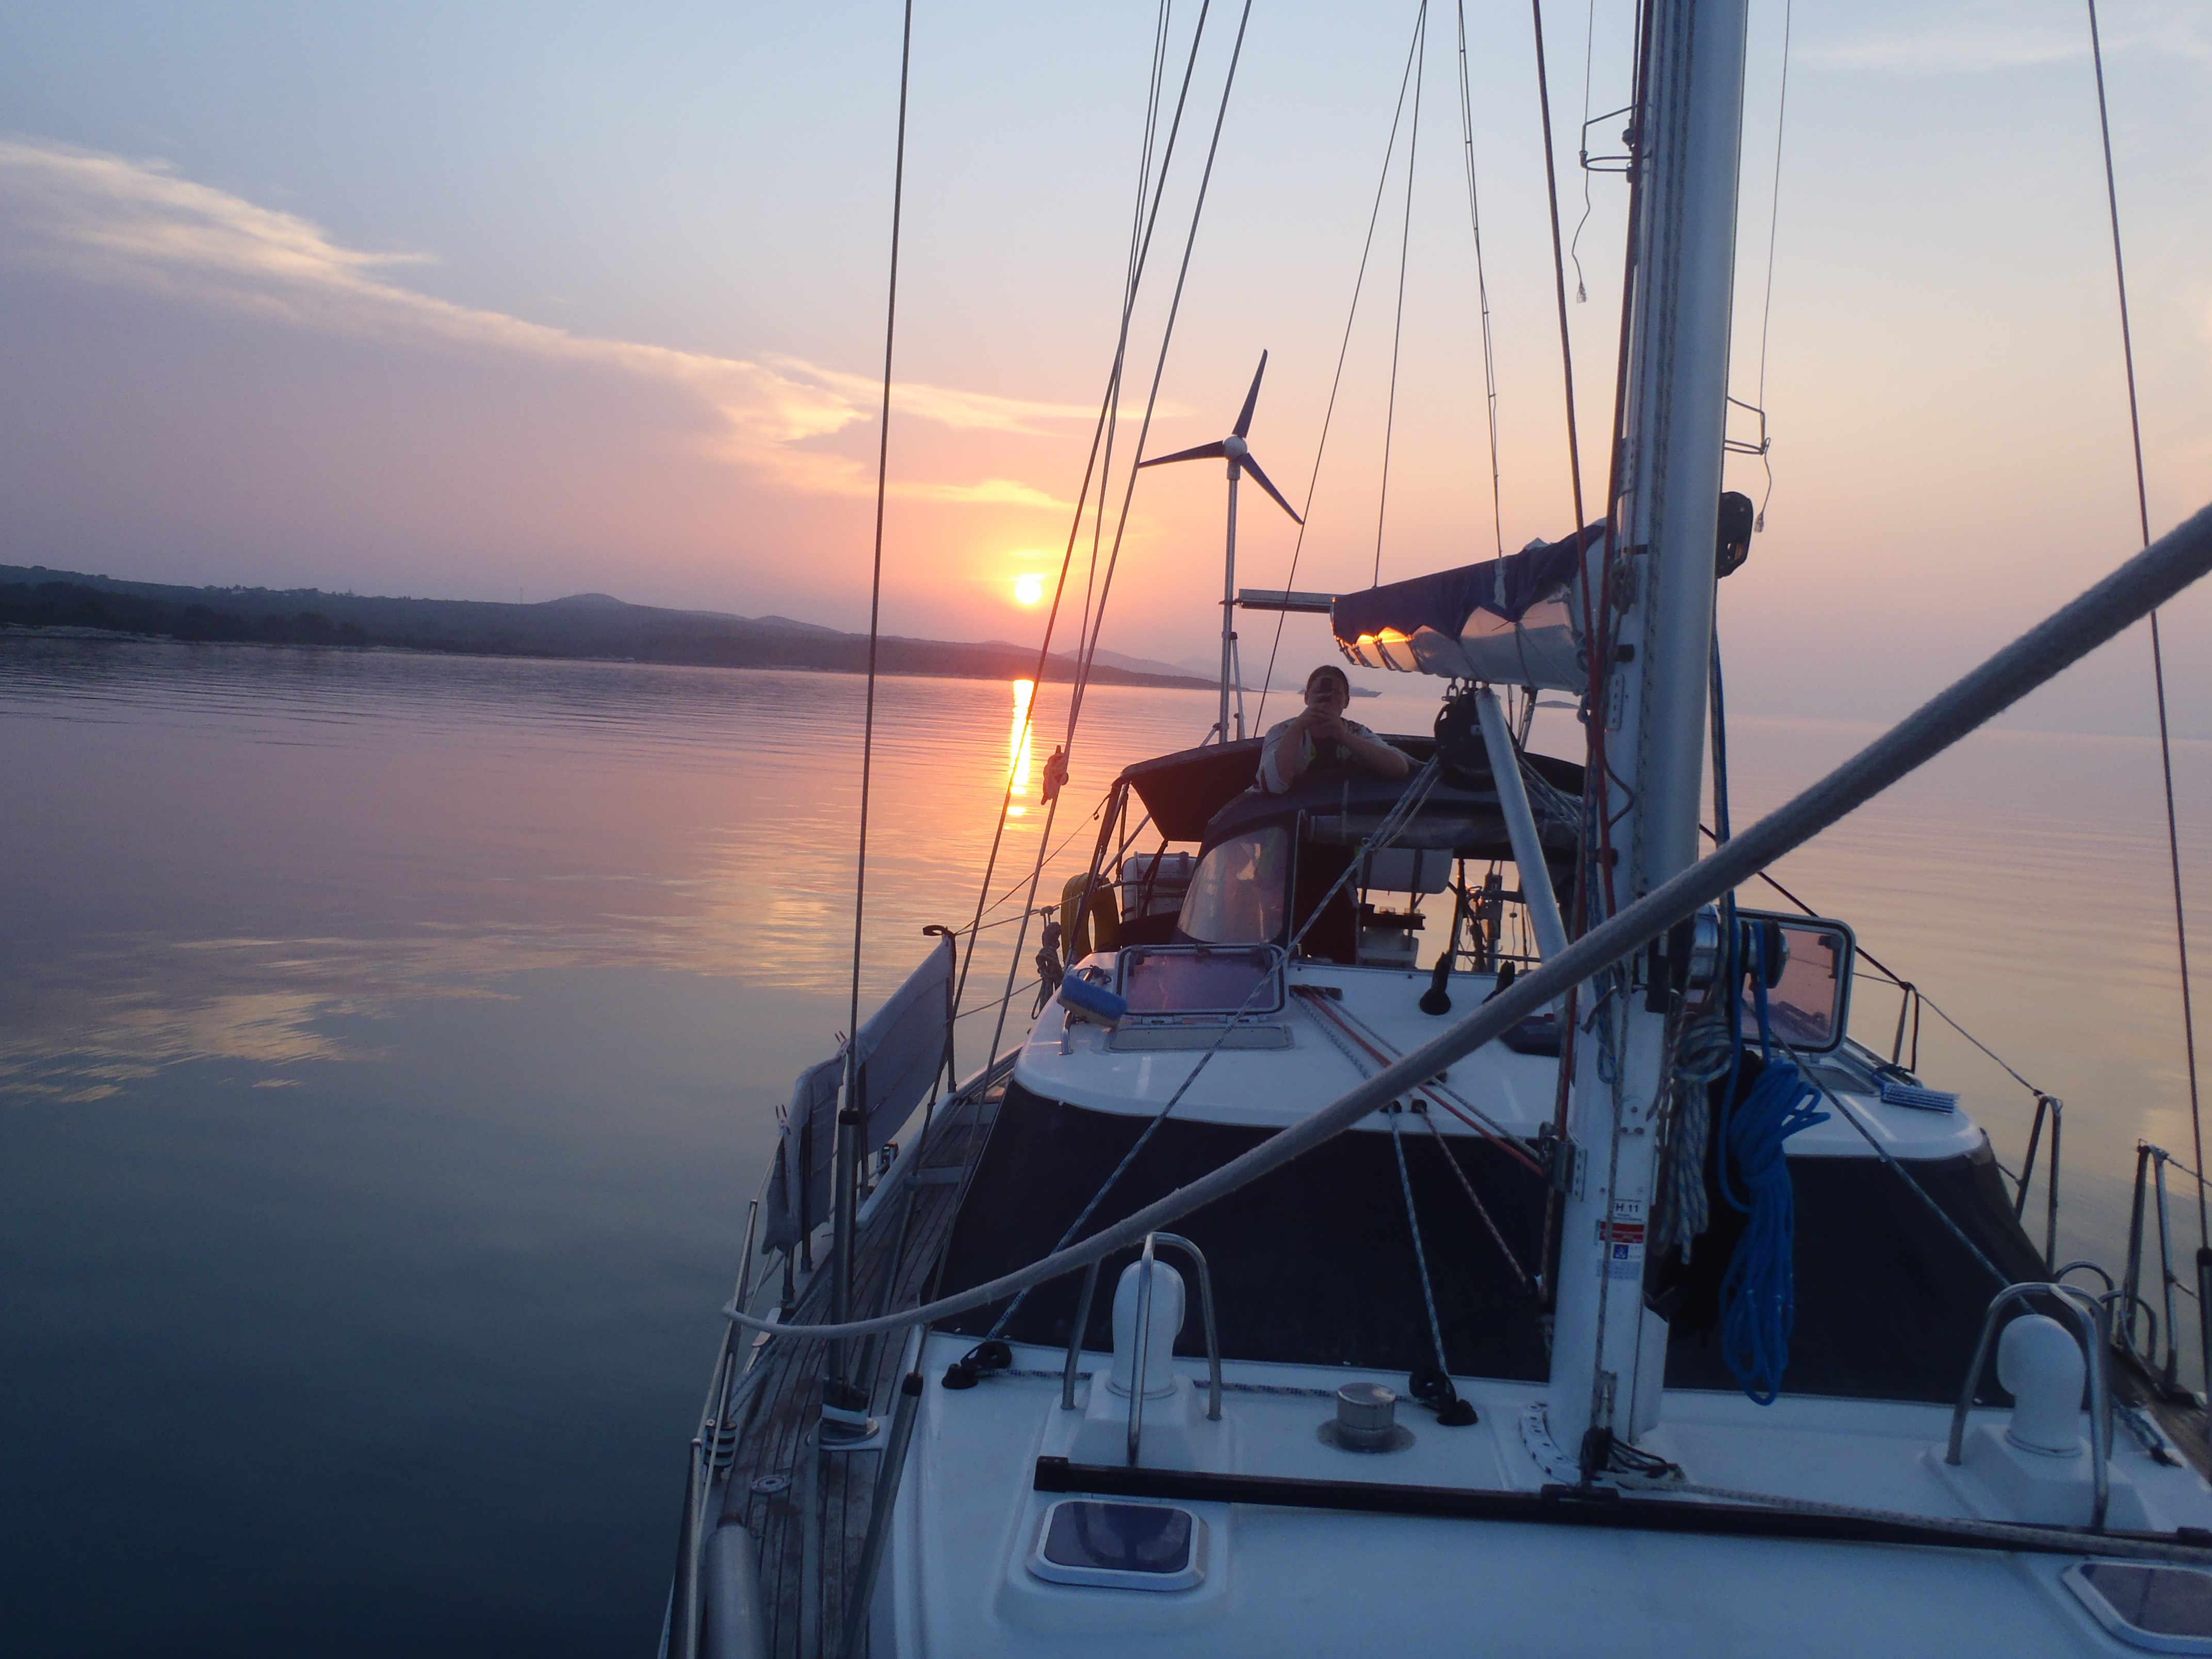 4 solnedgang.jpg